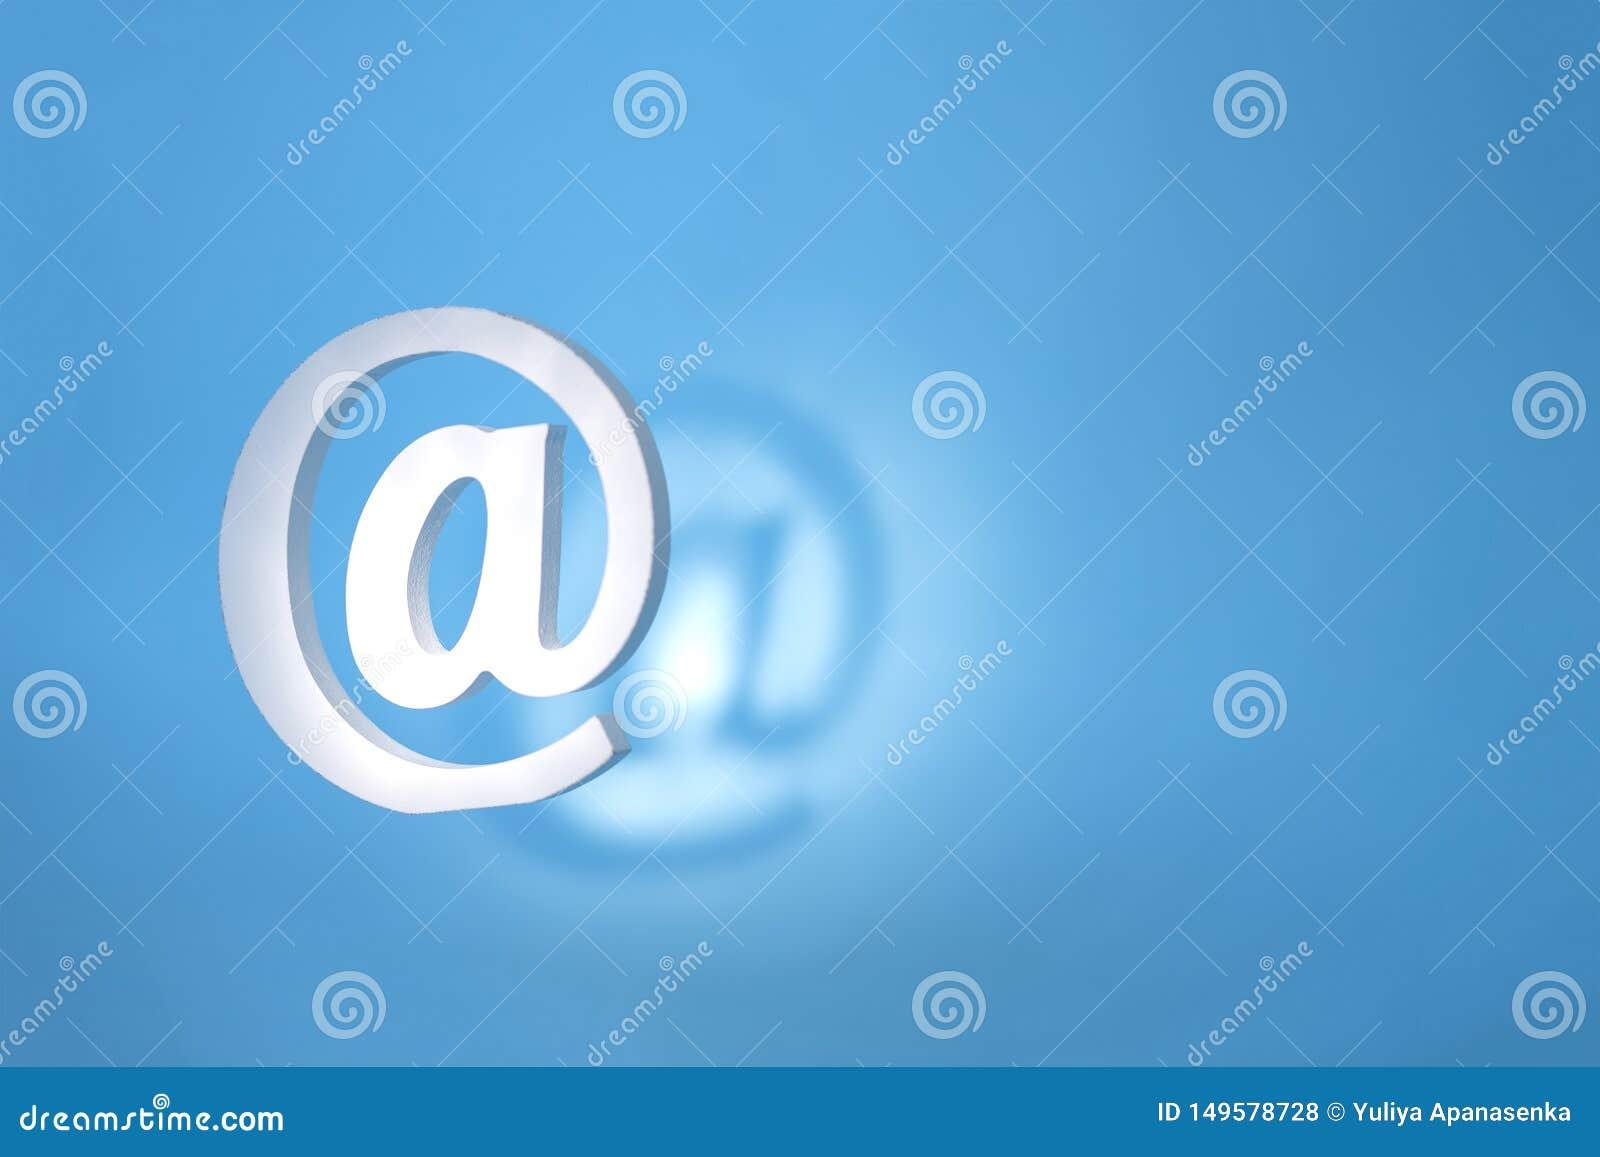 Drijvend e-mailteken op een blauwe achtergrond met echte schaduw Het concept voor e-mail, mededeling of contacteert ons